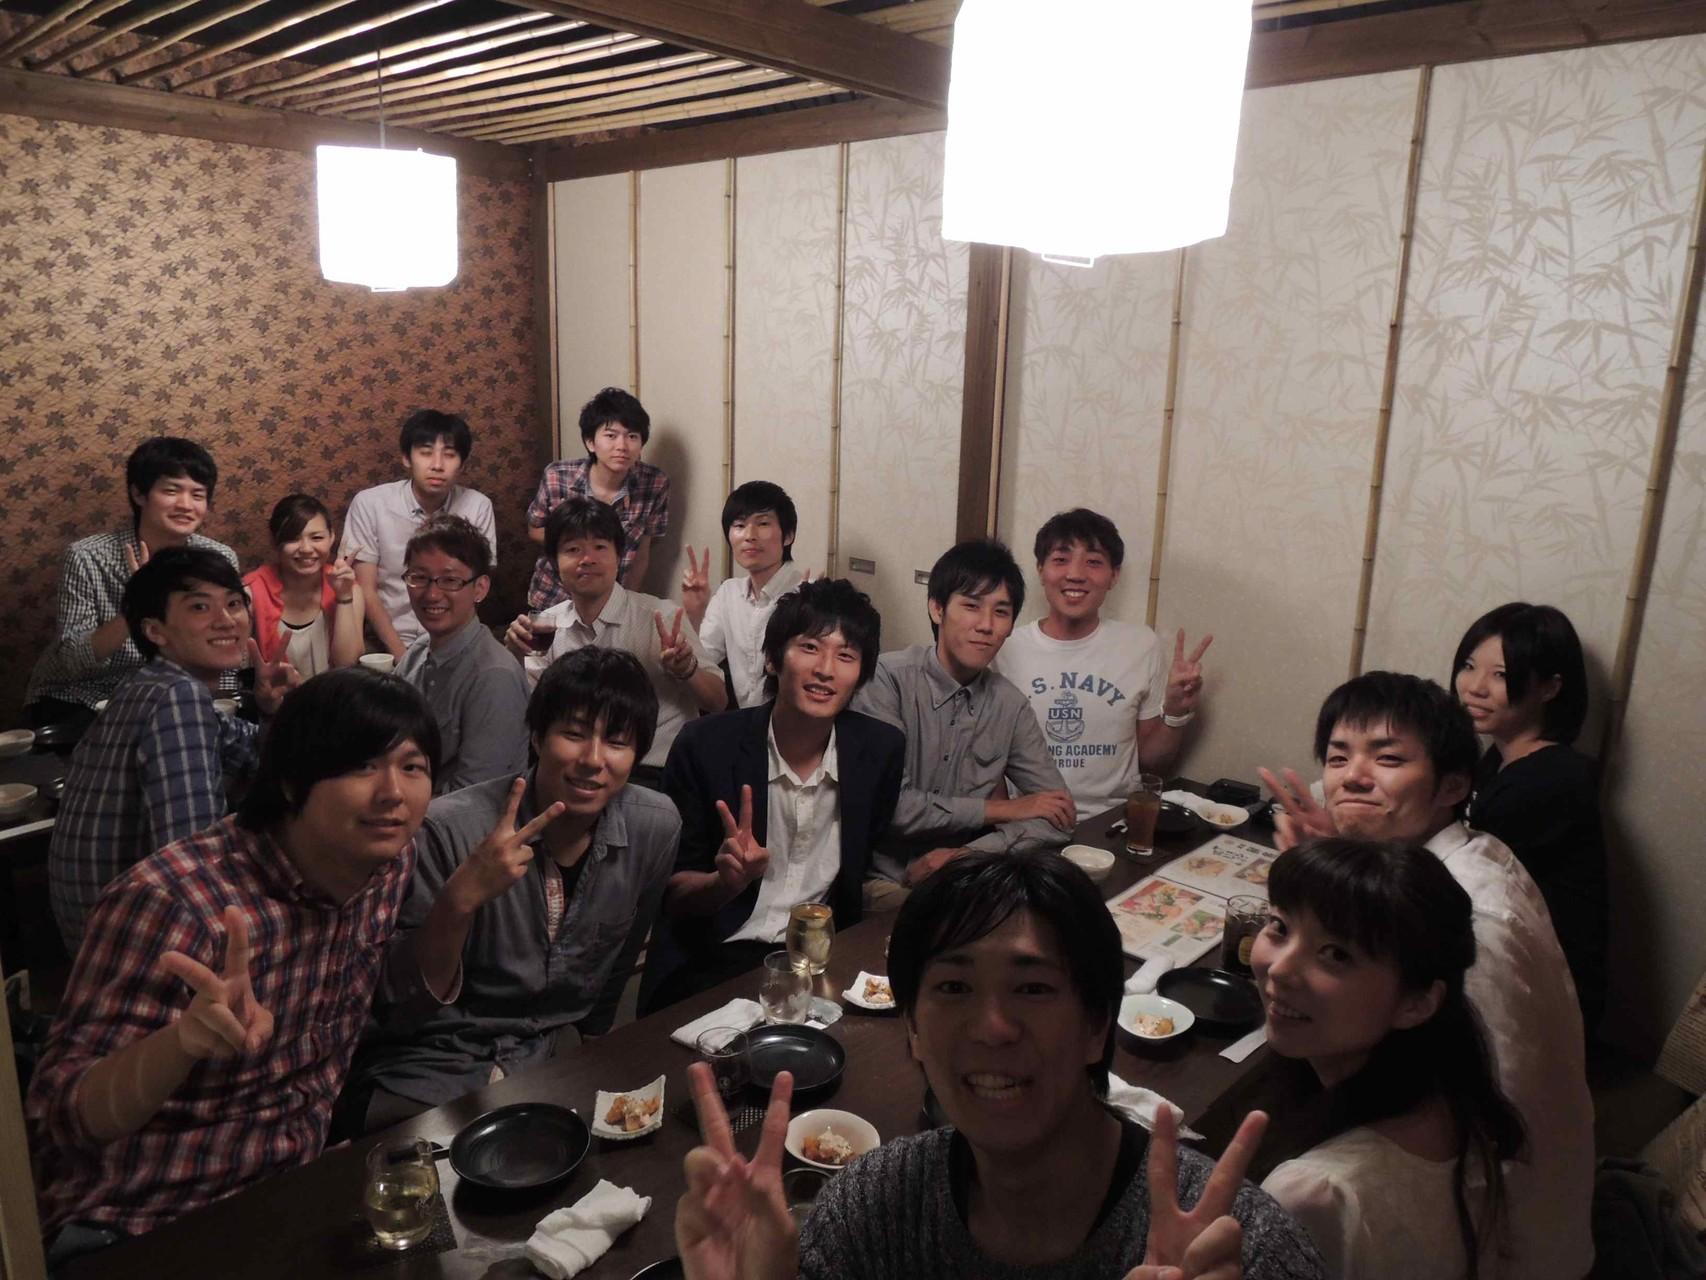 金子研5周年記念パーティー2次会(2015.8.29)